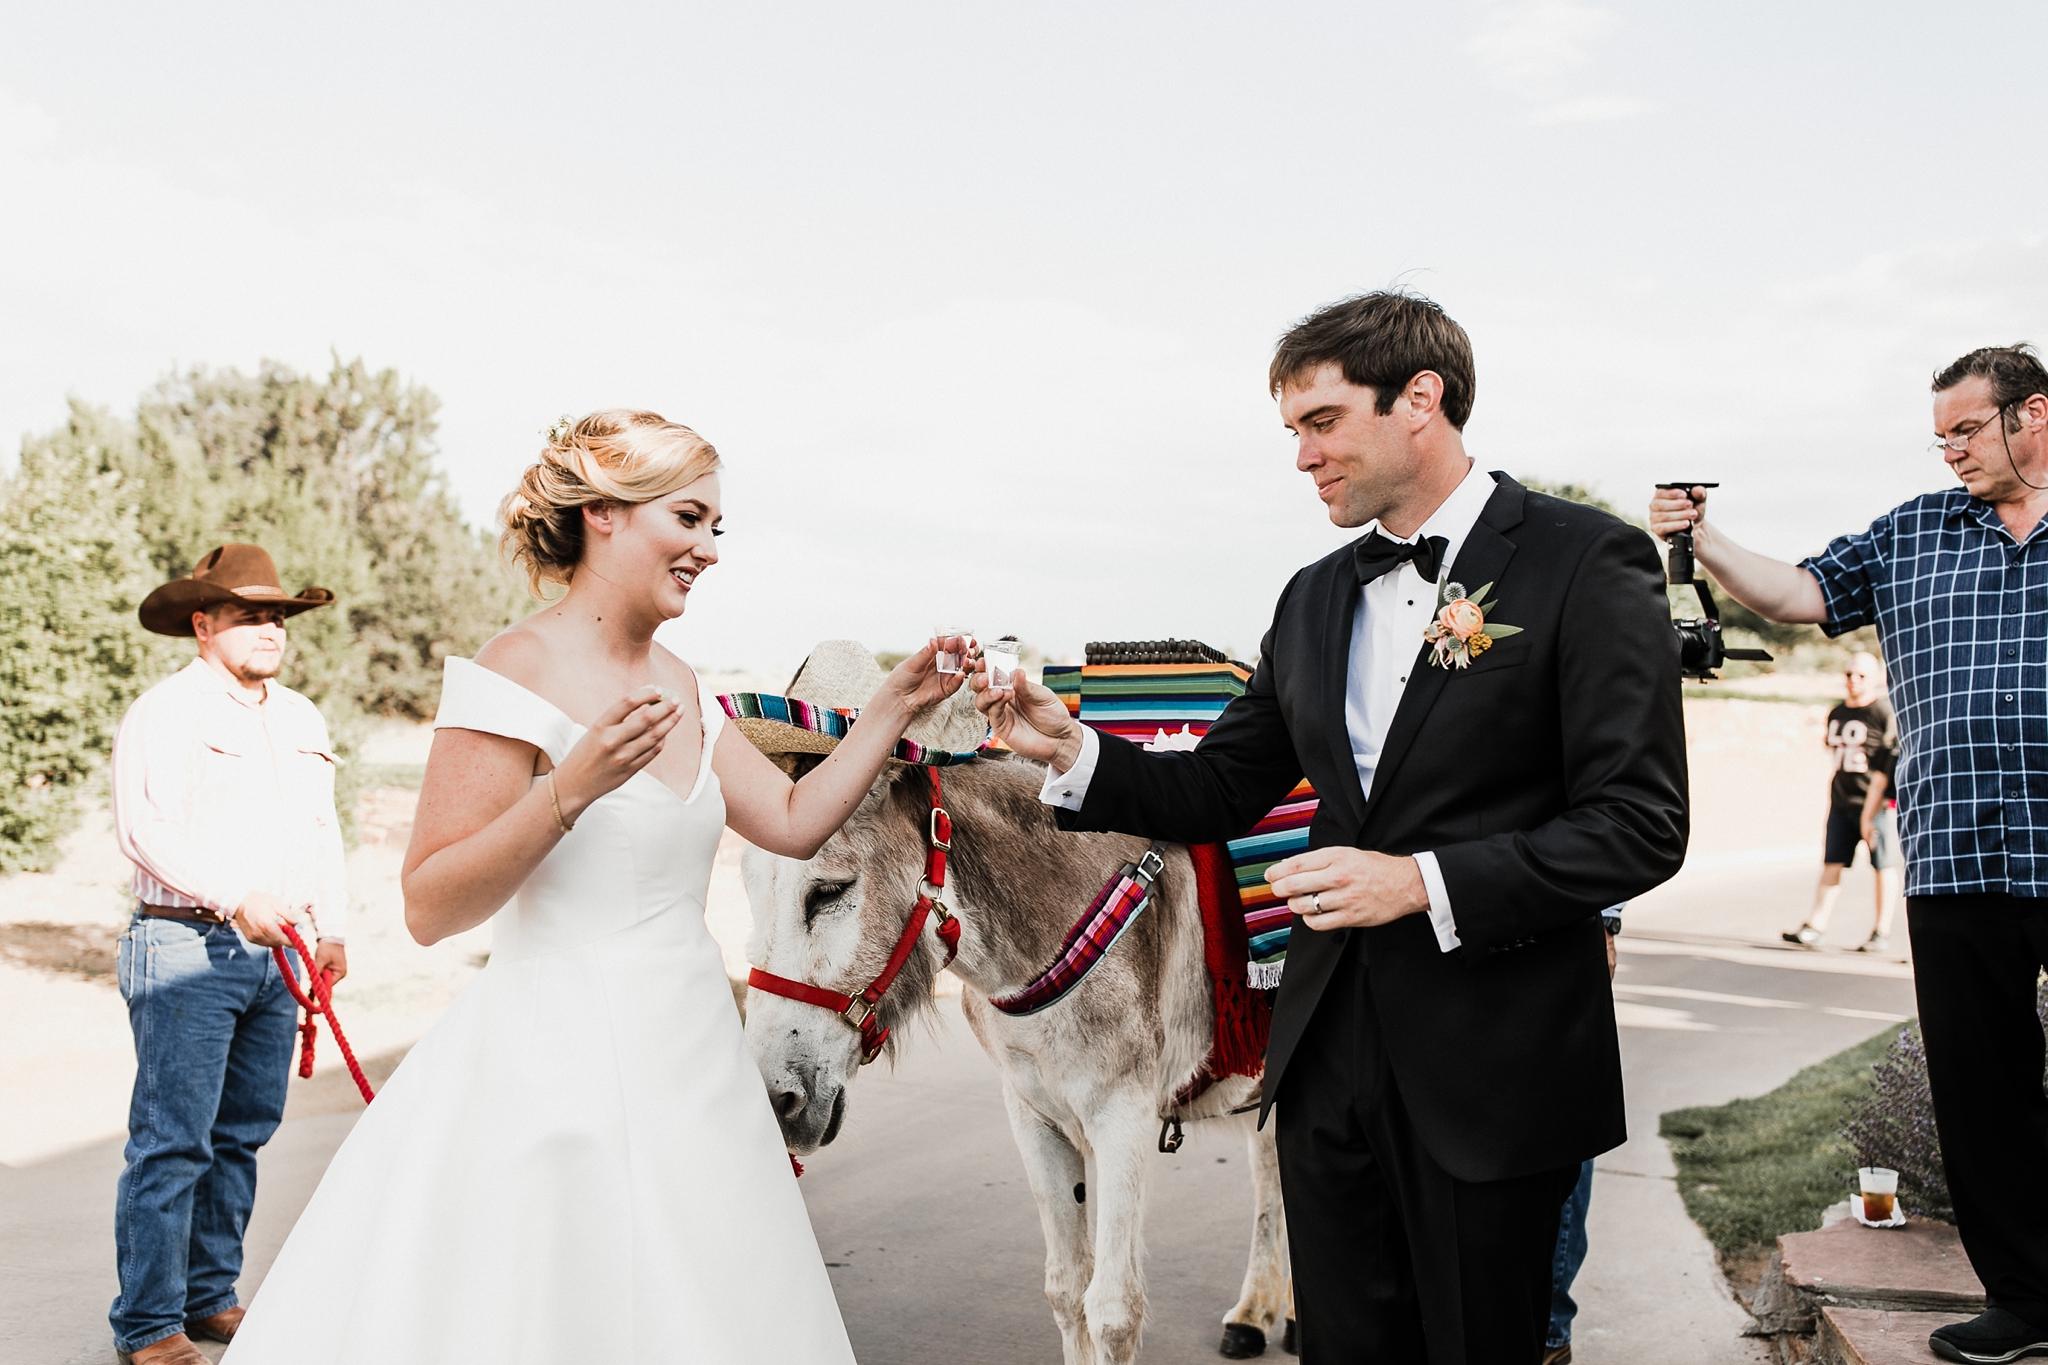 Alicia+lucia+photography+-+albuquerque+wedding+photographer+-+santa+fe+wedding+photography+-+new+mexico+wedding+photographer+-+new+mexico+wedding+-+las+campanas+wedding+-+santa+fe+wedding+-+maximalist+wedding+-+destination+wedding_0110.jpg